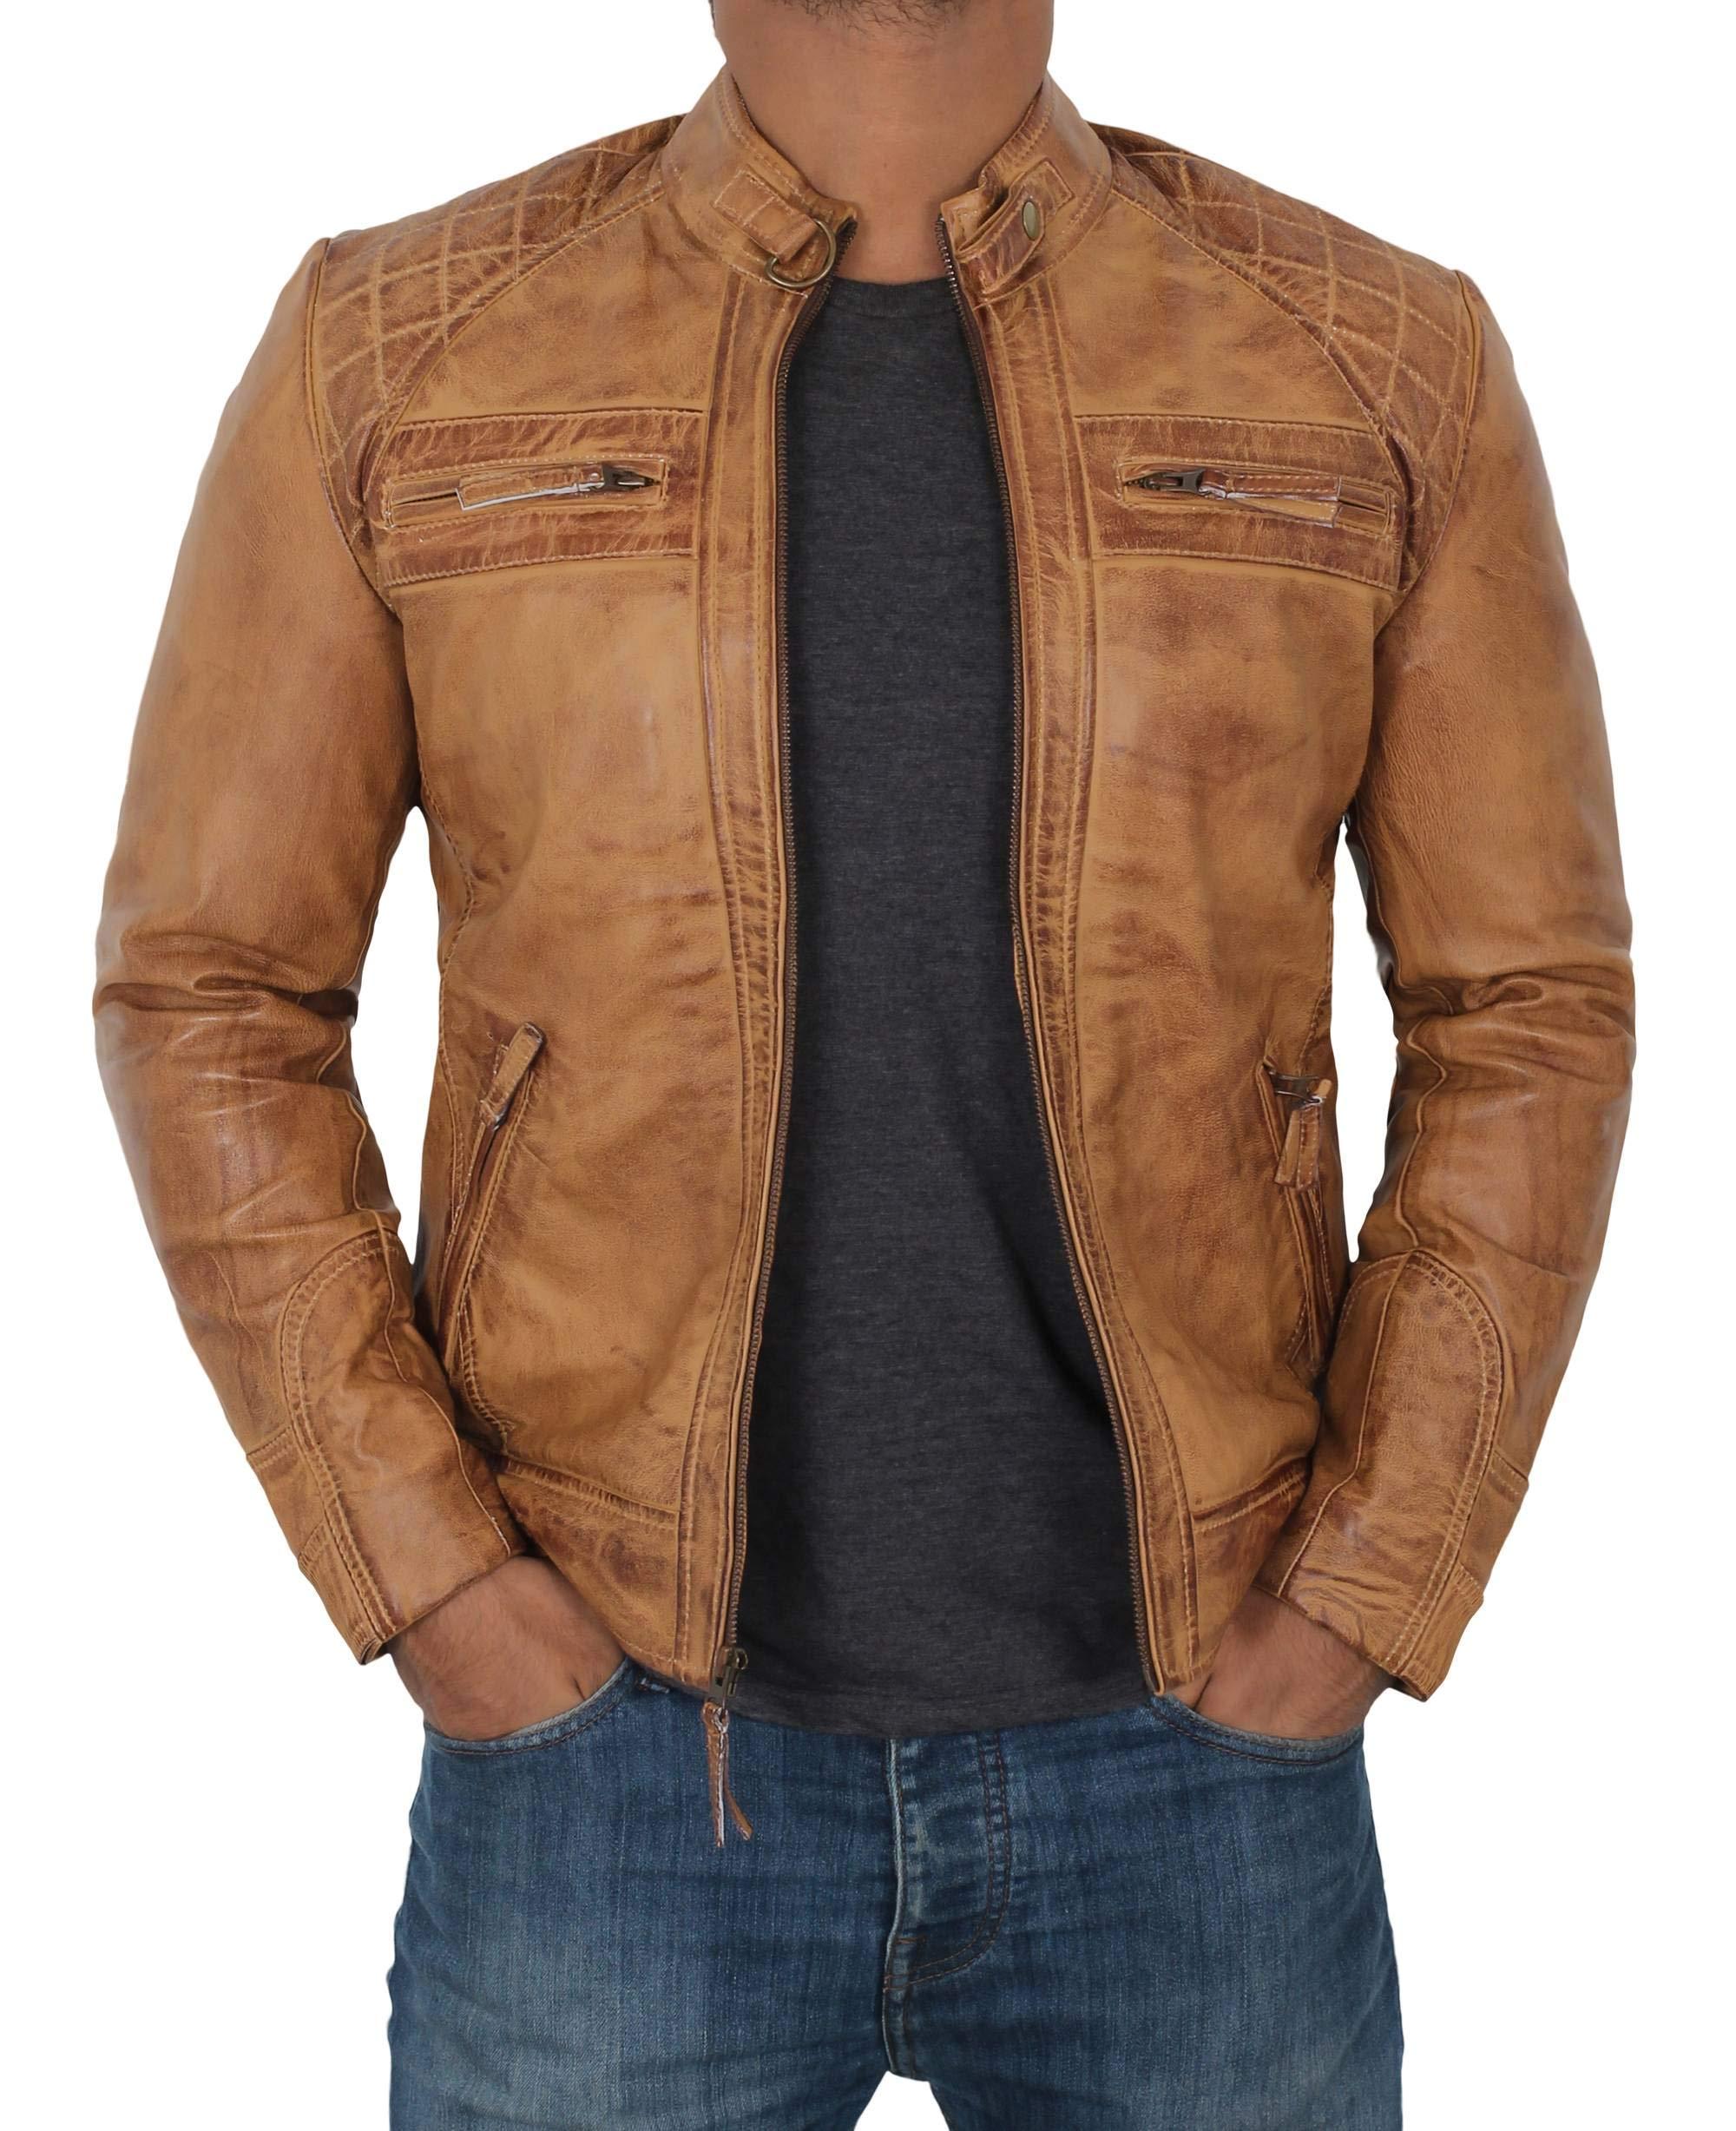 Decrum Mens Leather Jacket - Brown Jackets for Men | [1103174] D1 Camel, L by Decrum